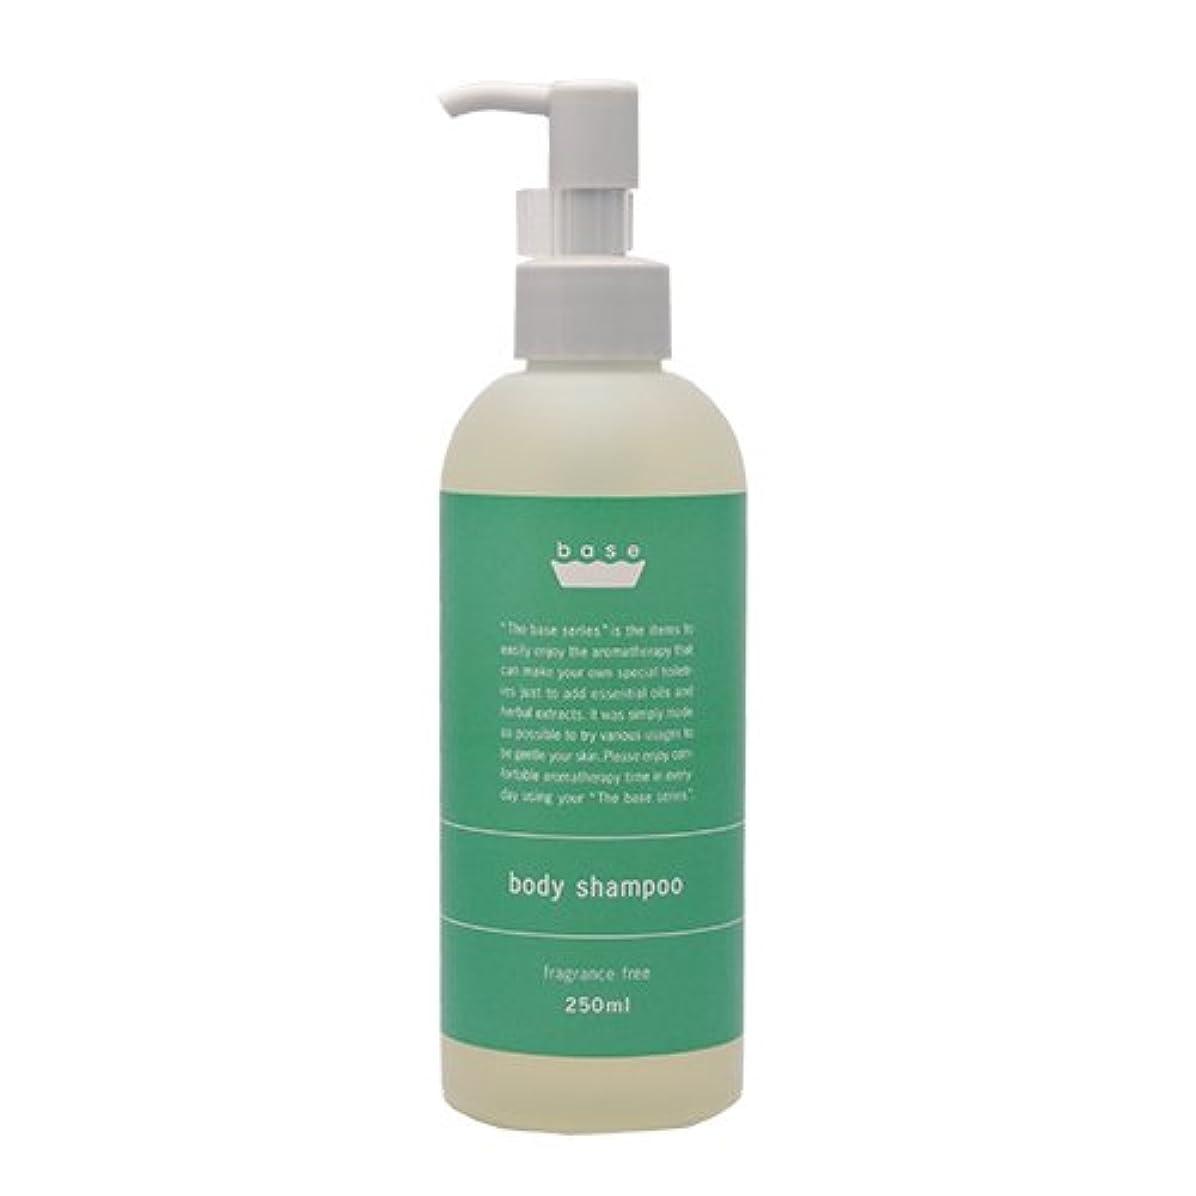 航空悲しみ配当フレーバーライフ(Flavor Life) フレーバーライフ base body shampoo(ボディーシャンプー)250ml ボディソープ